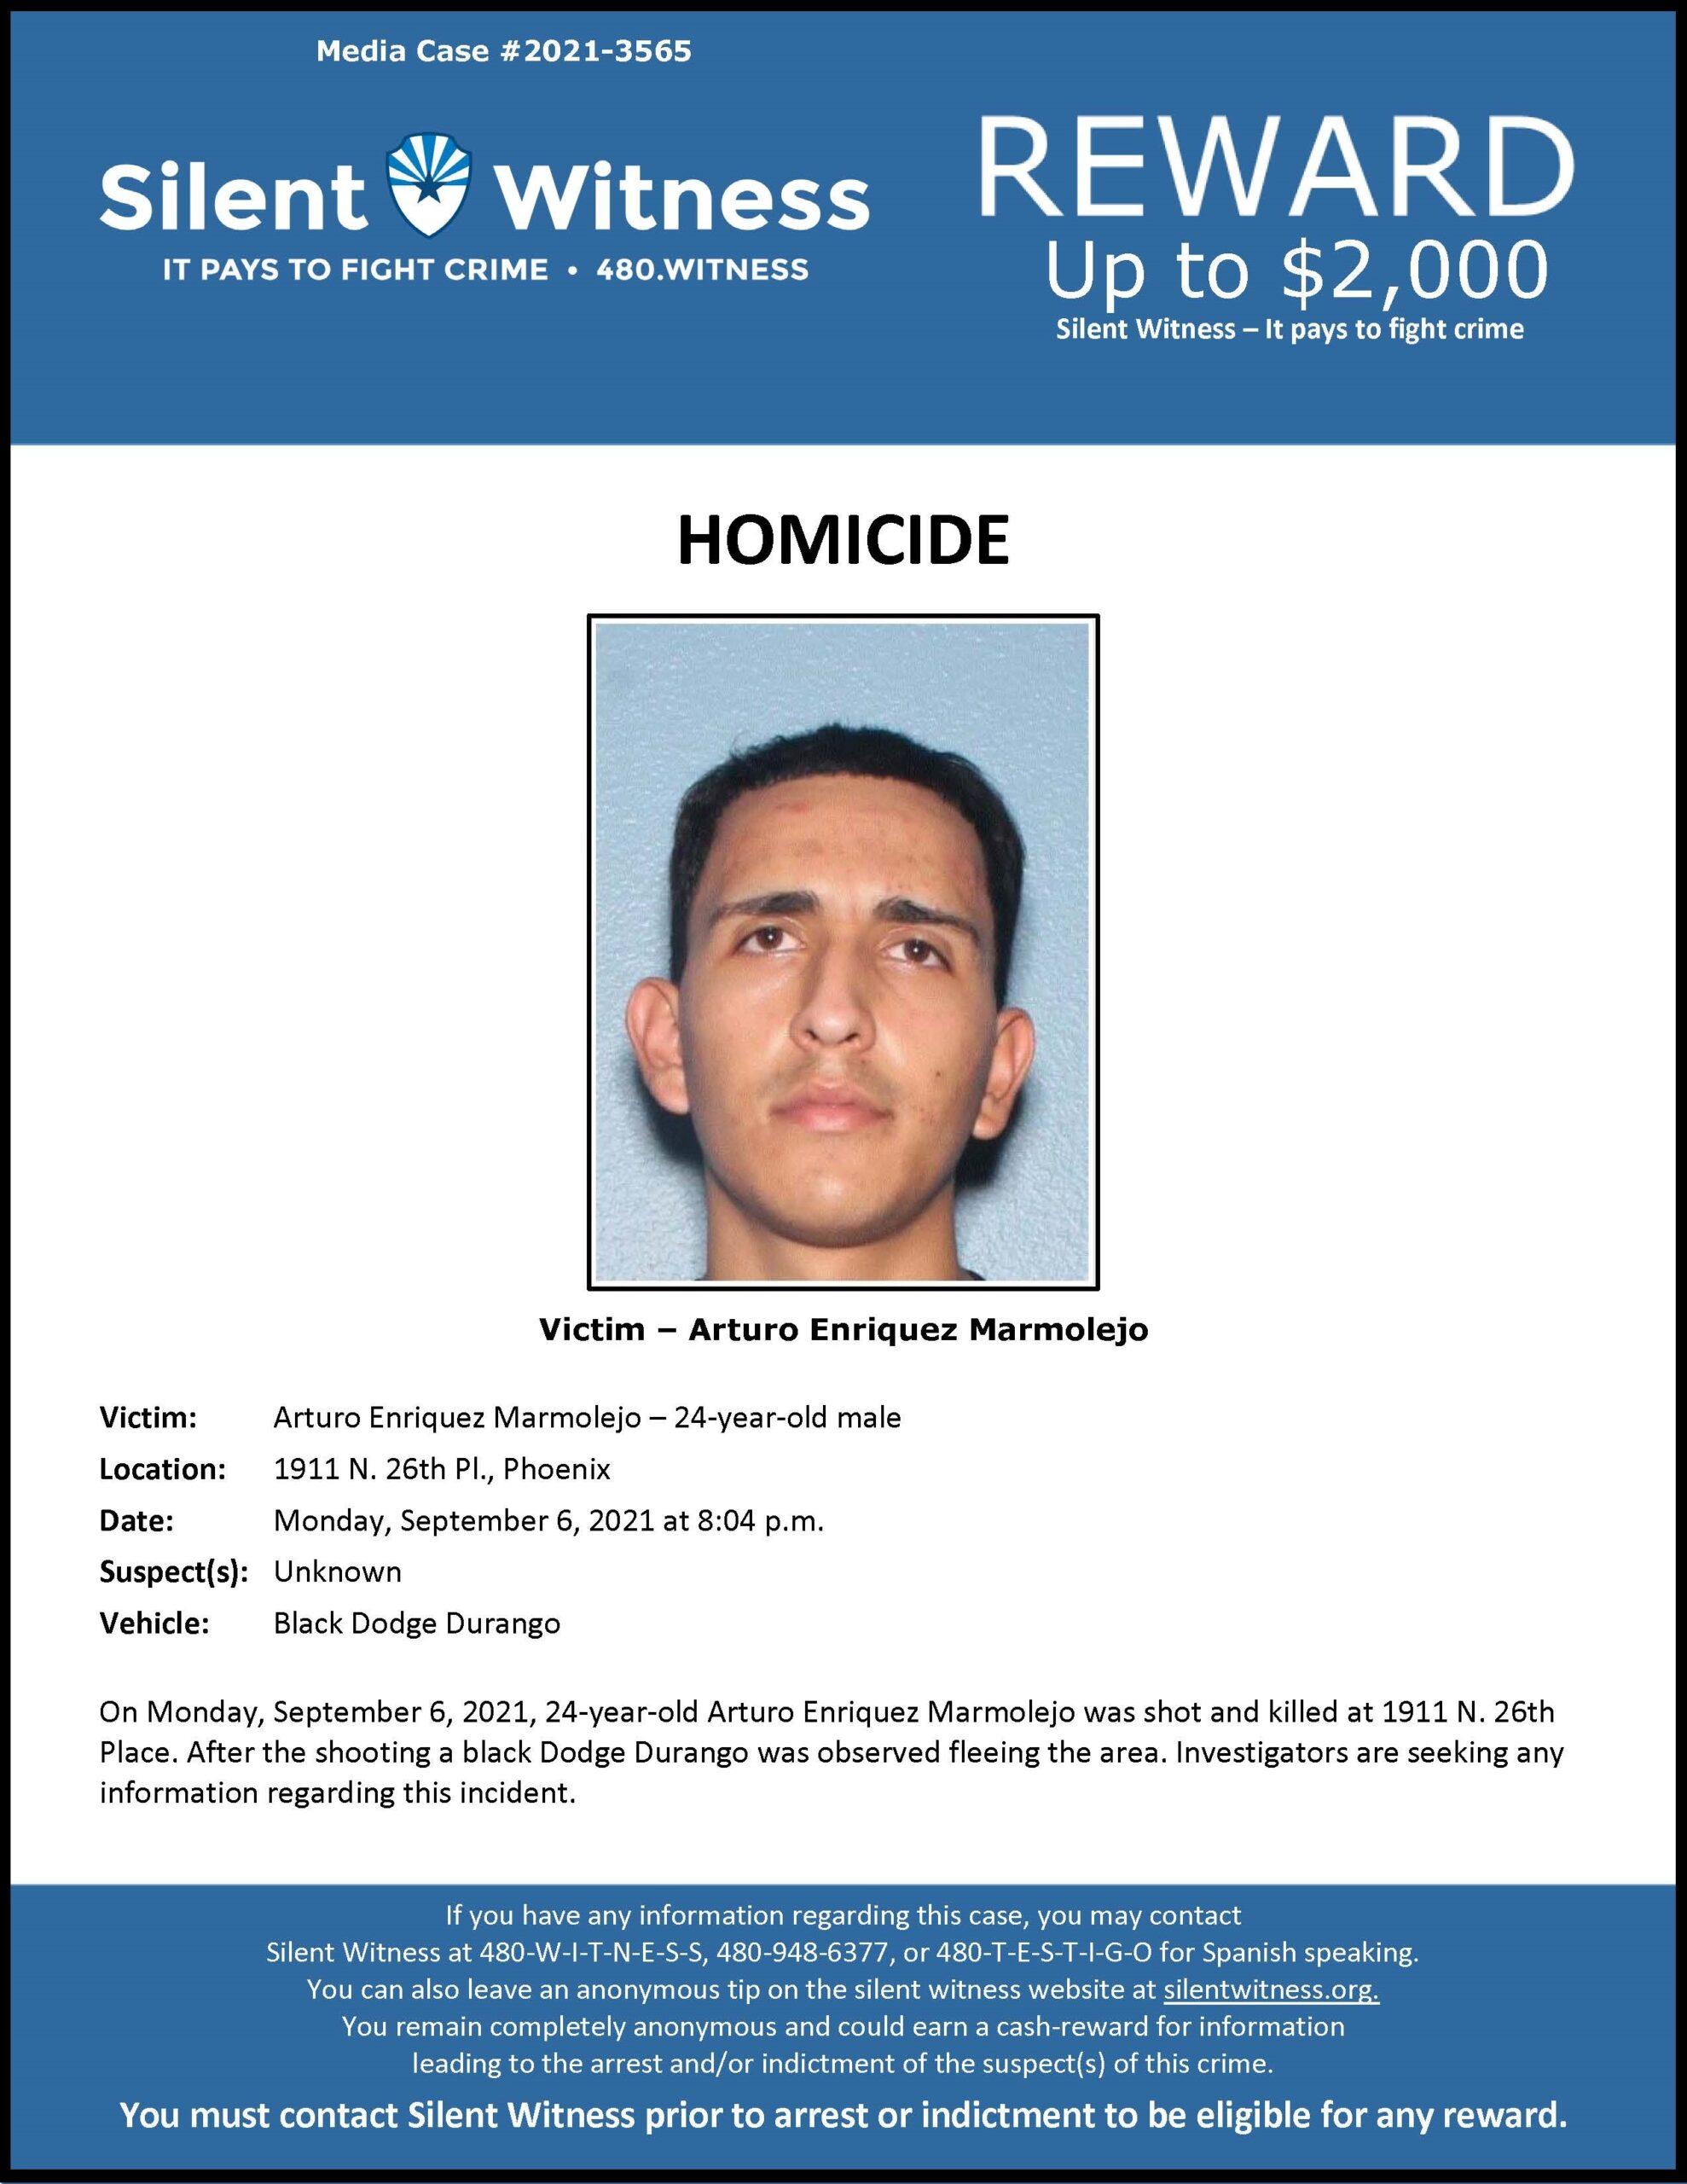 Homicide / Arturo Enriquez Marmolejo / 1911 N. 26th Pl., Phoenix